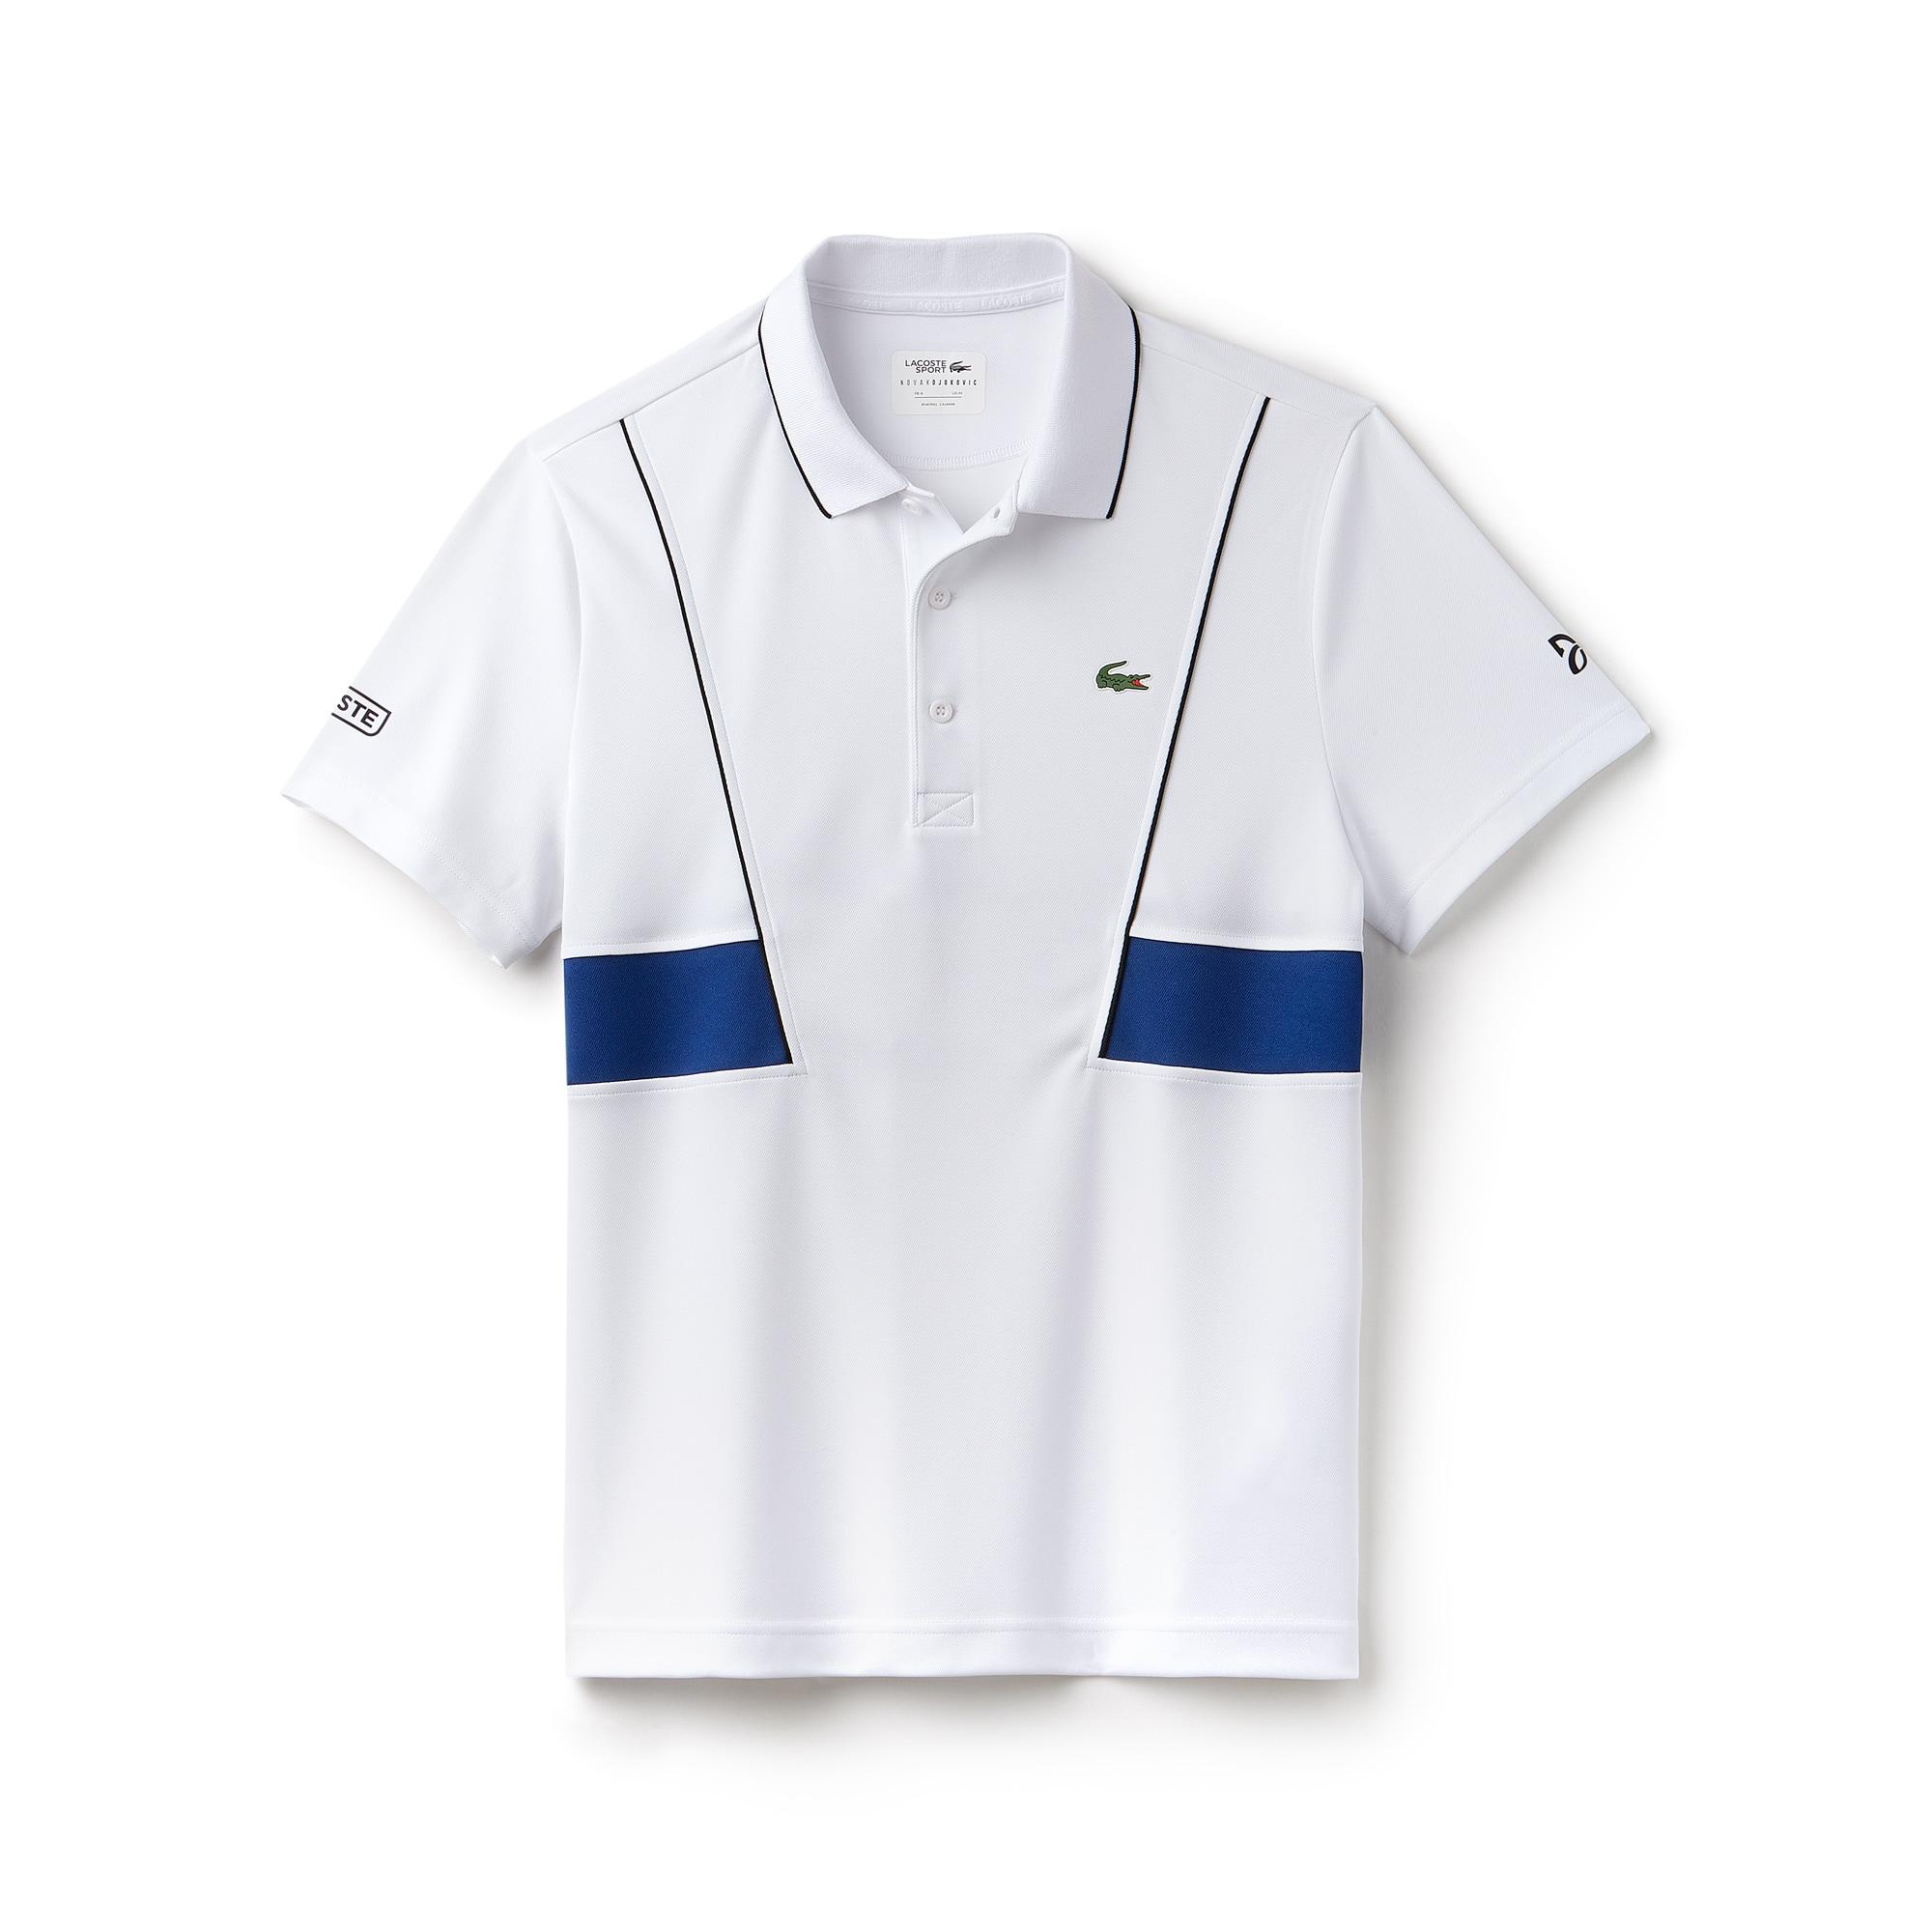 65e8c7bf3fb72 Camisas polo para homens